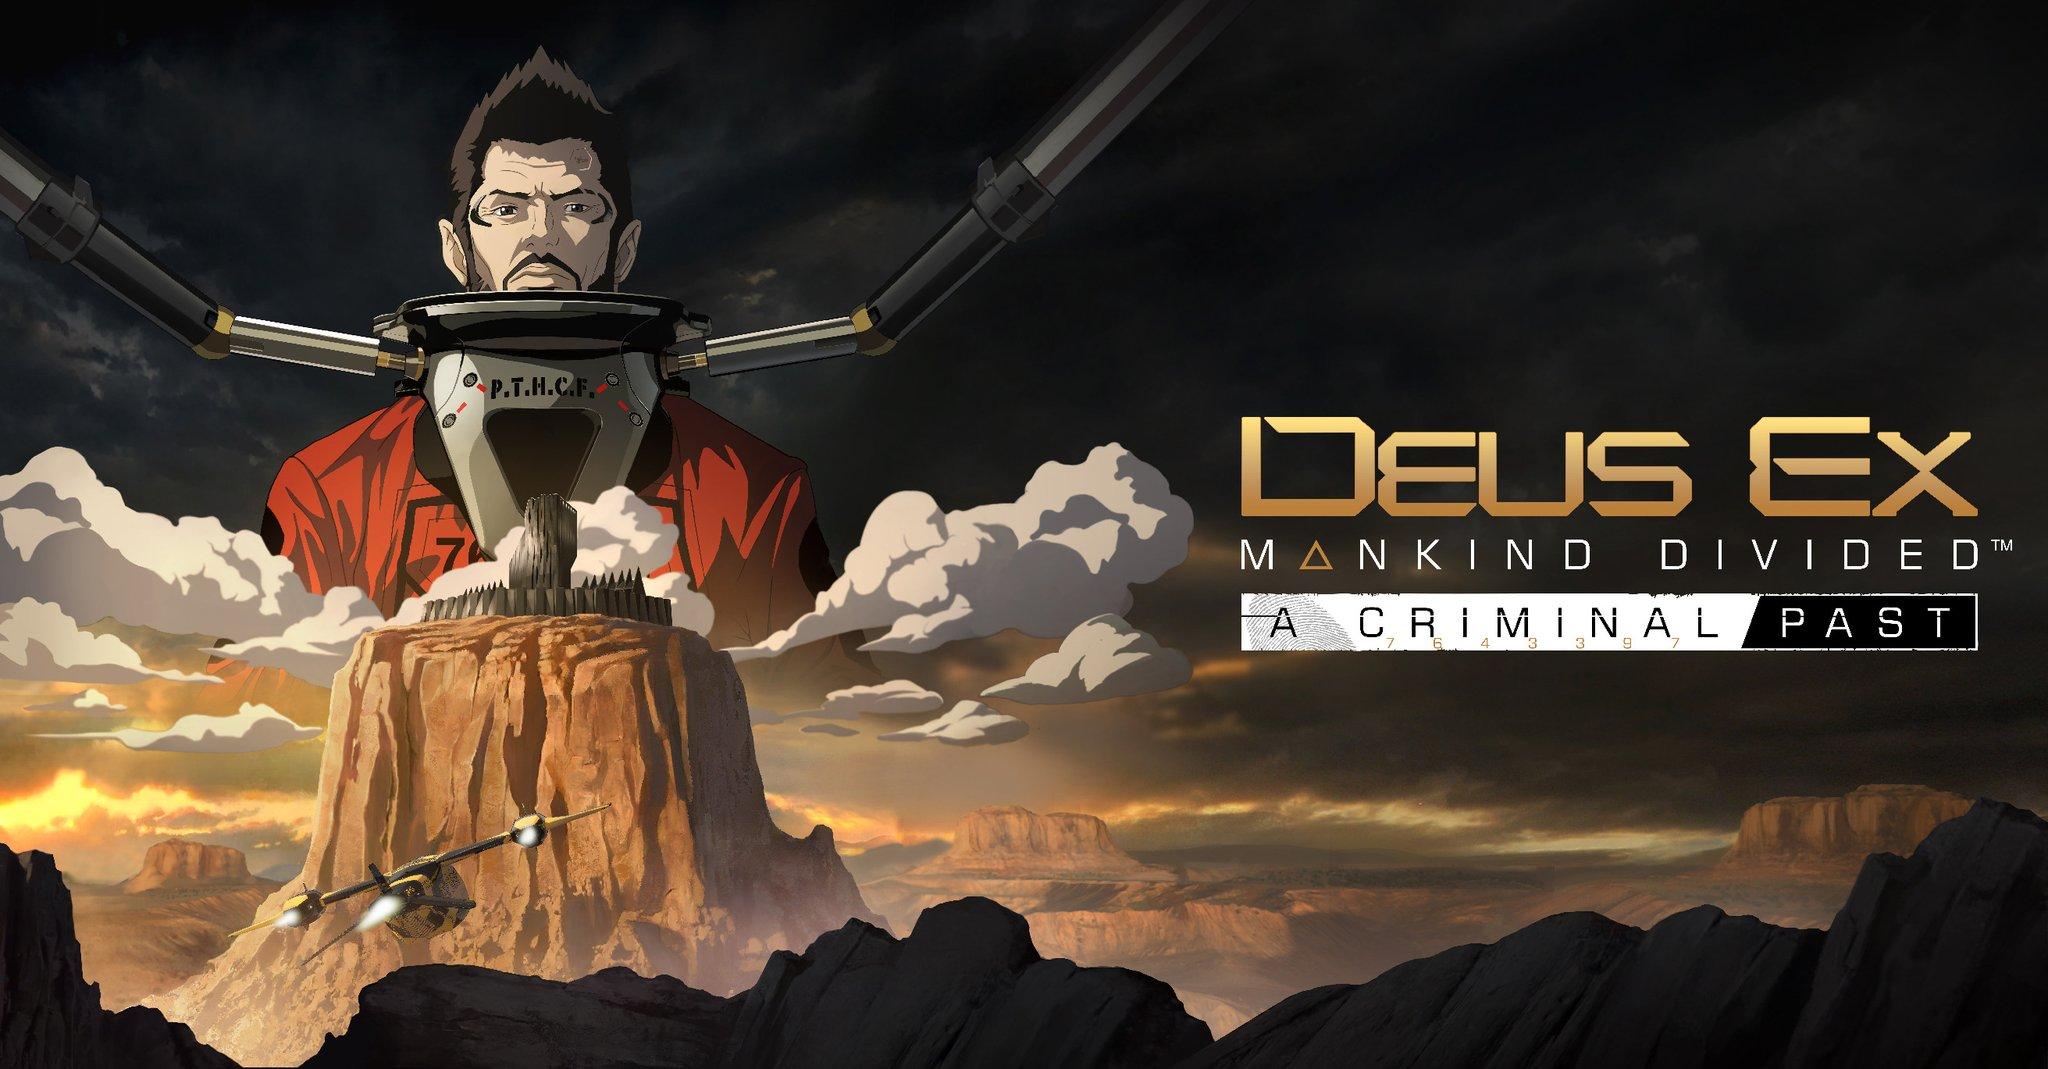 Druhé příběhové DLC Deus Ex: Mankind Divided dorazí 23. února 137201